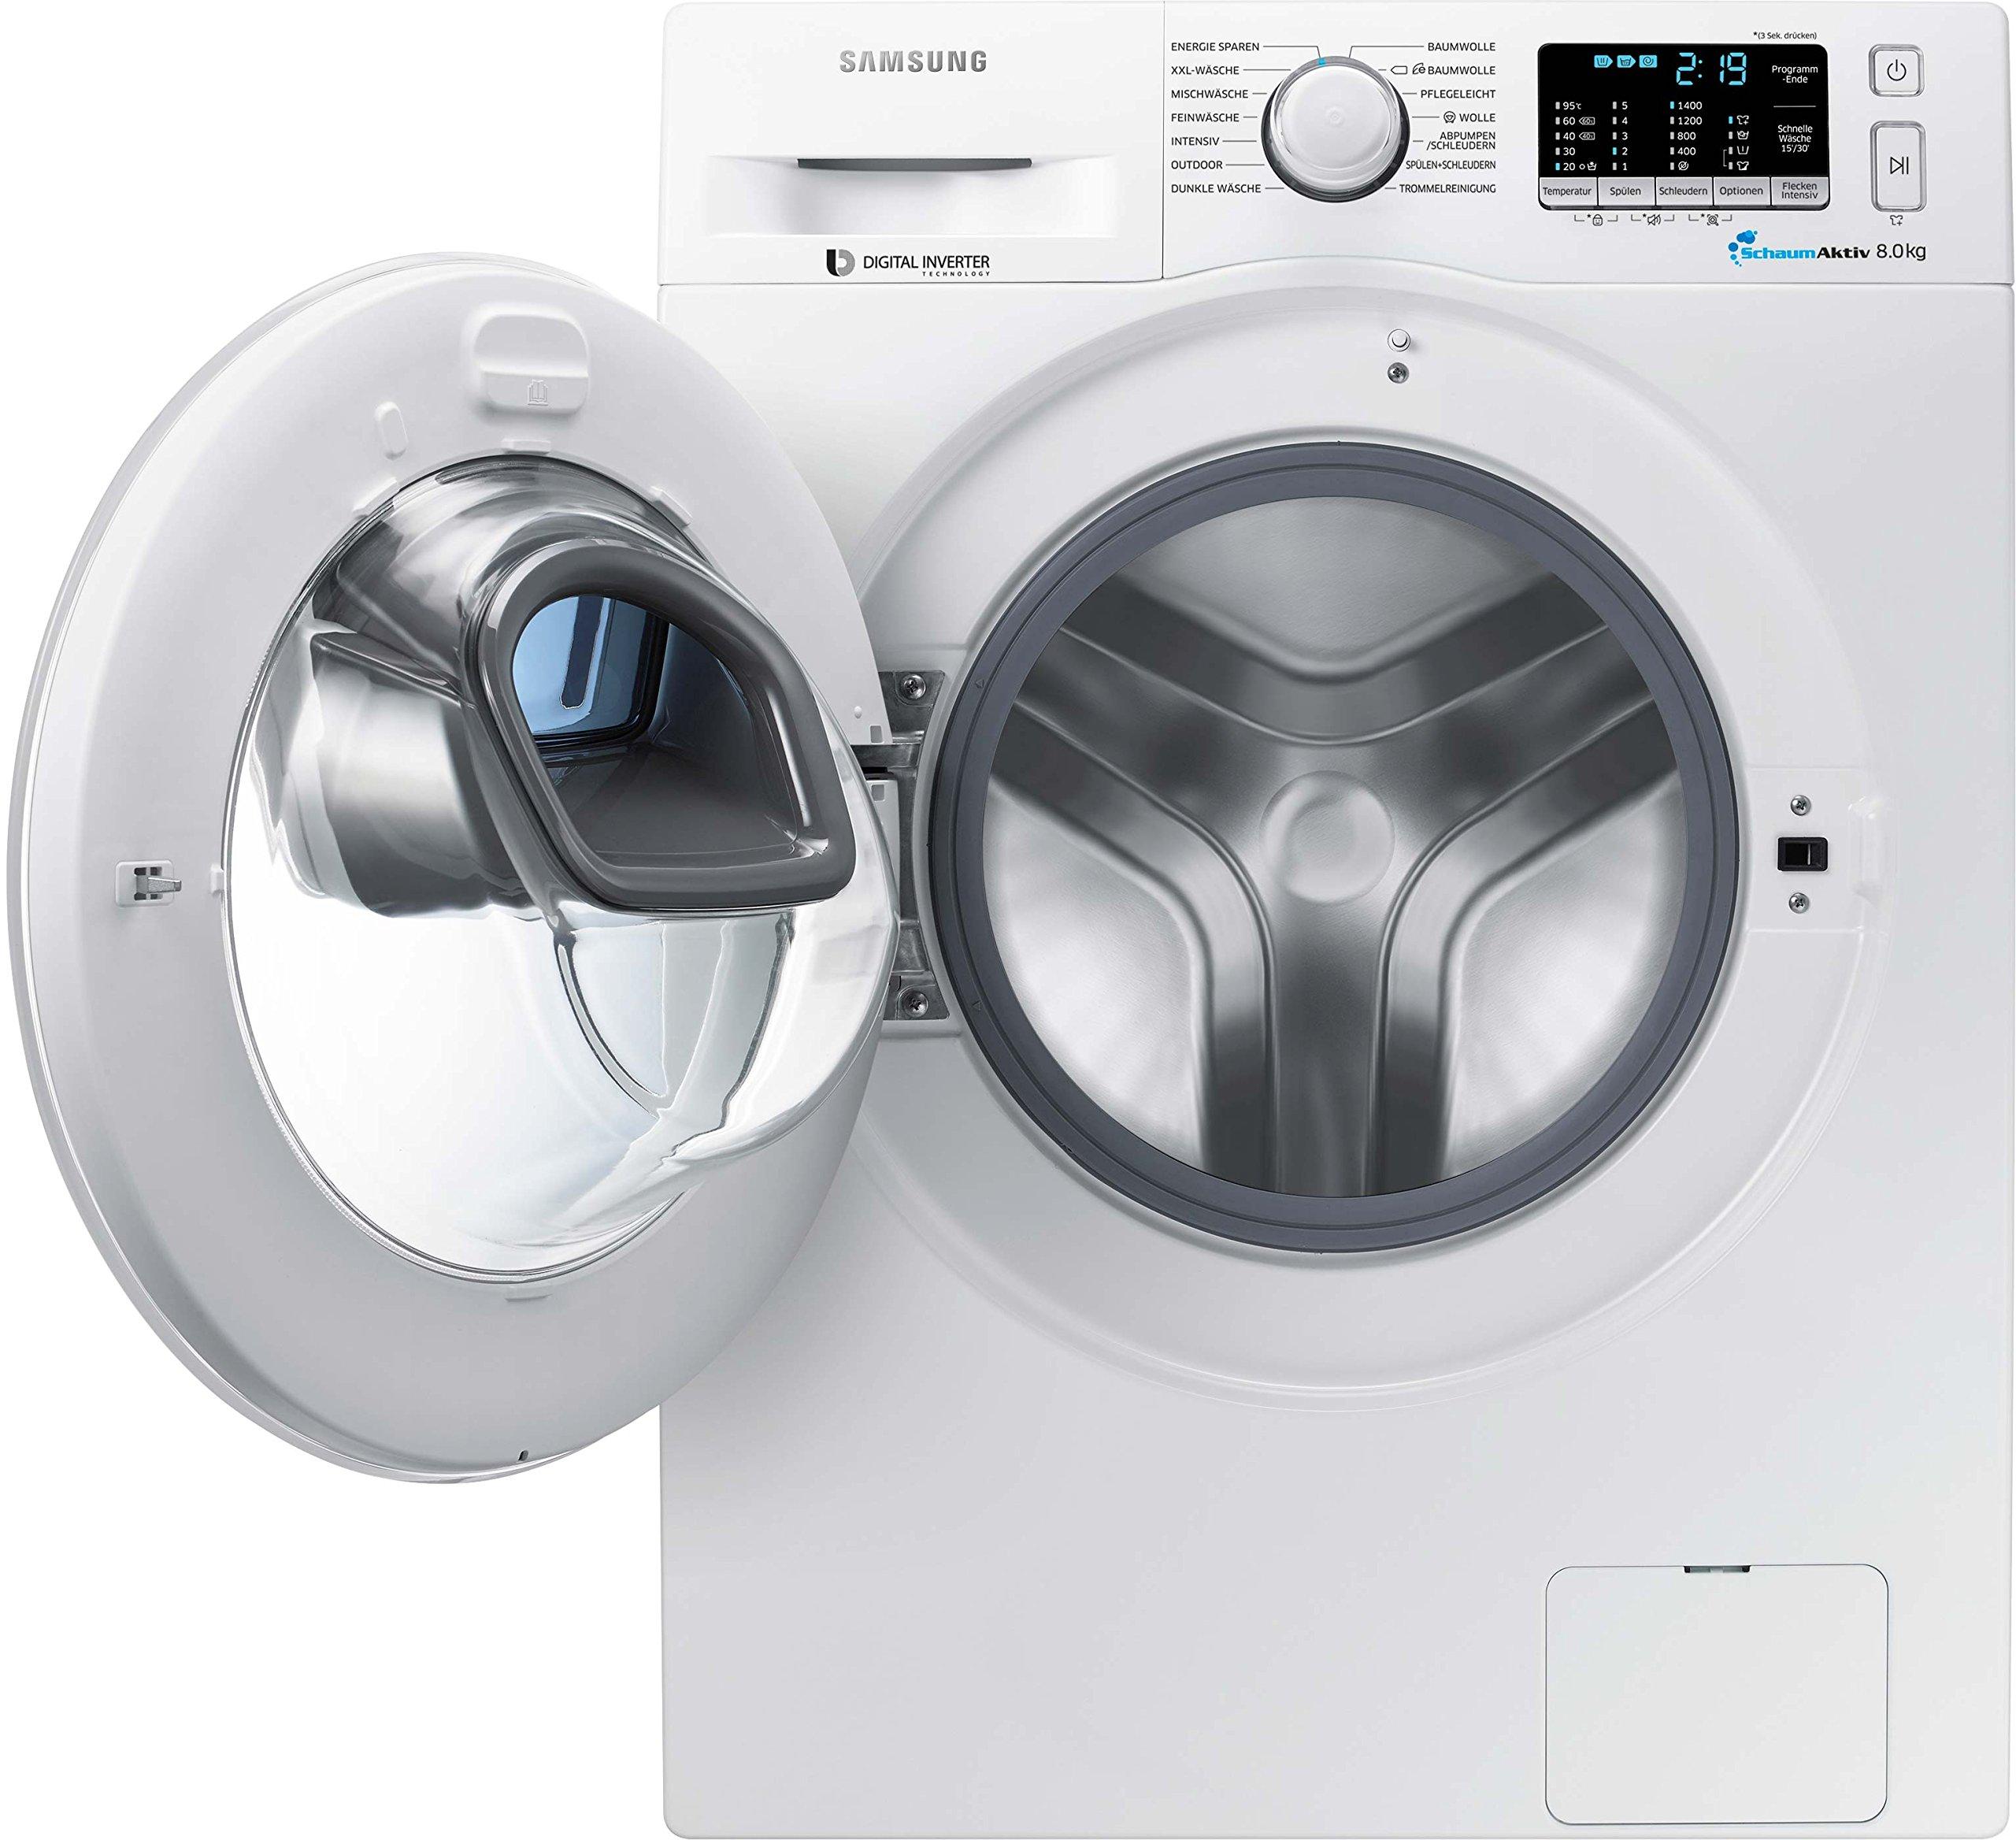 Samsung-Waschmaschine-FLA116-kWhJahr1400-UpM8-kgweiAdd-WashSmart-CheckDigital-Inverter-Motor